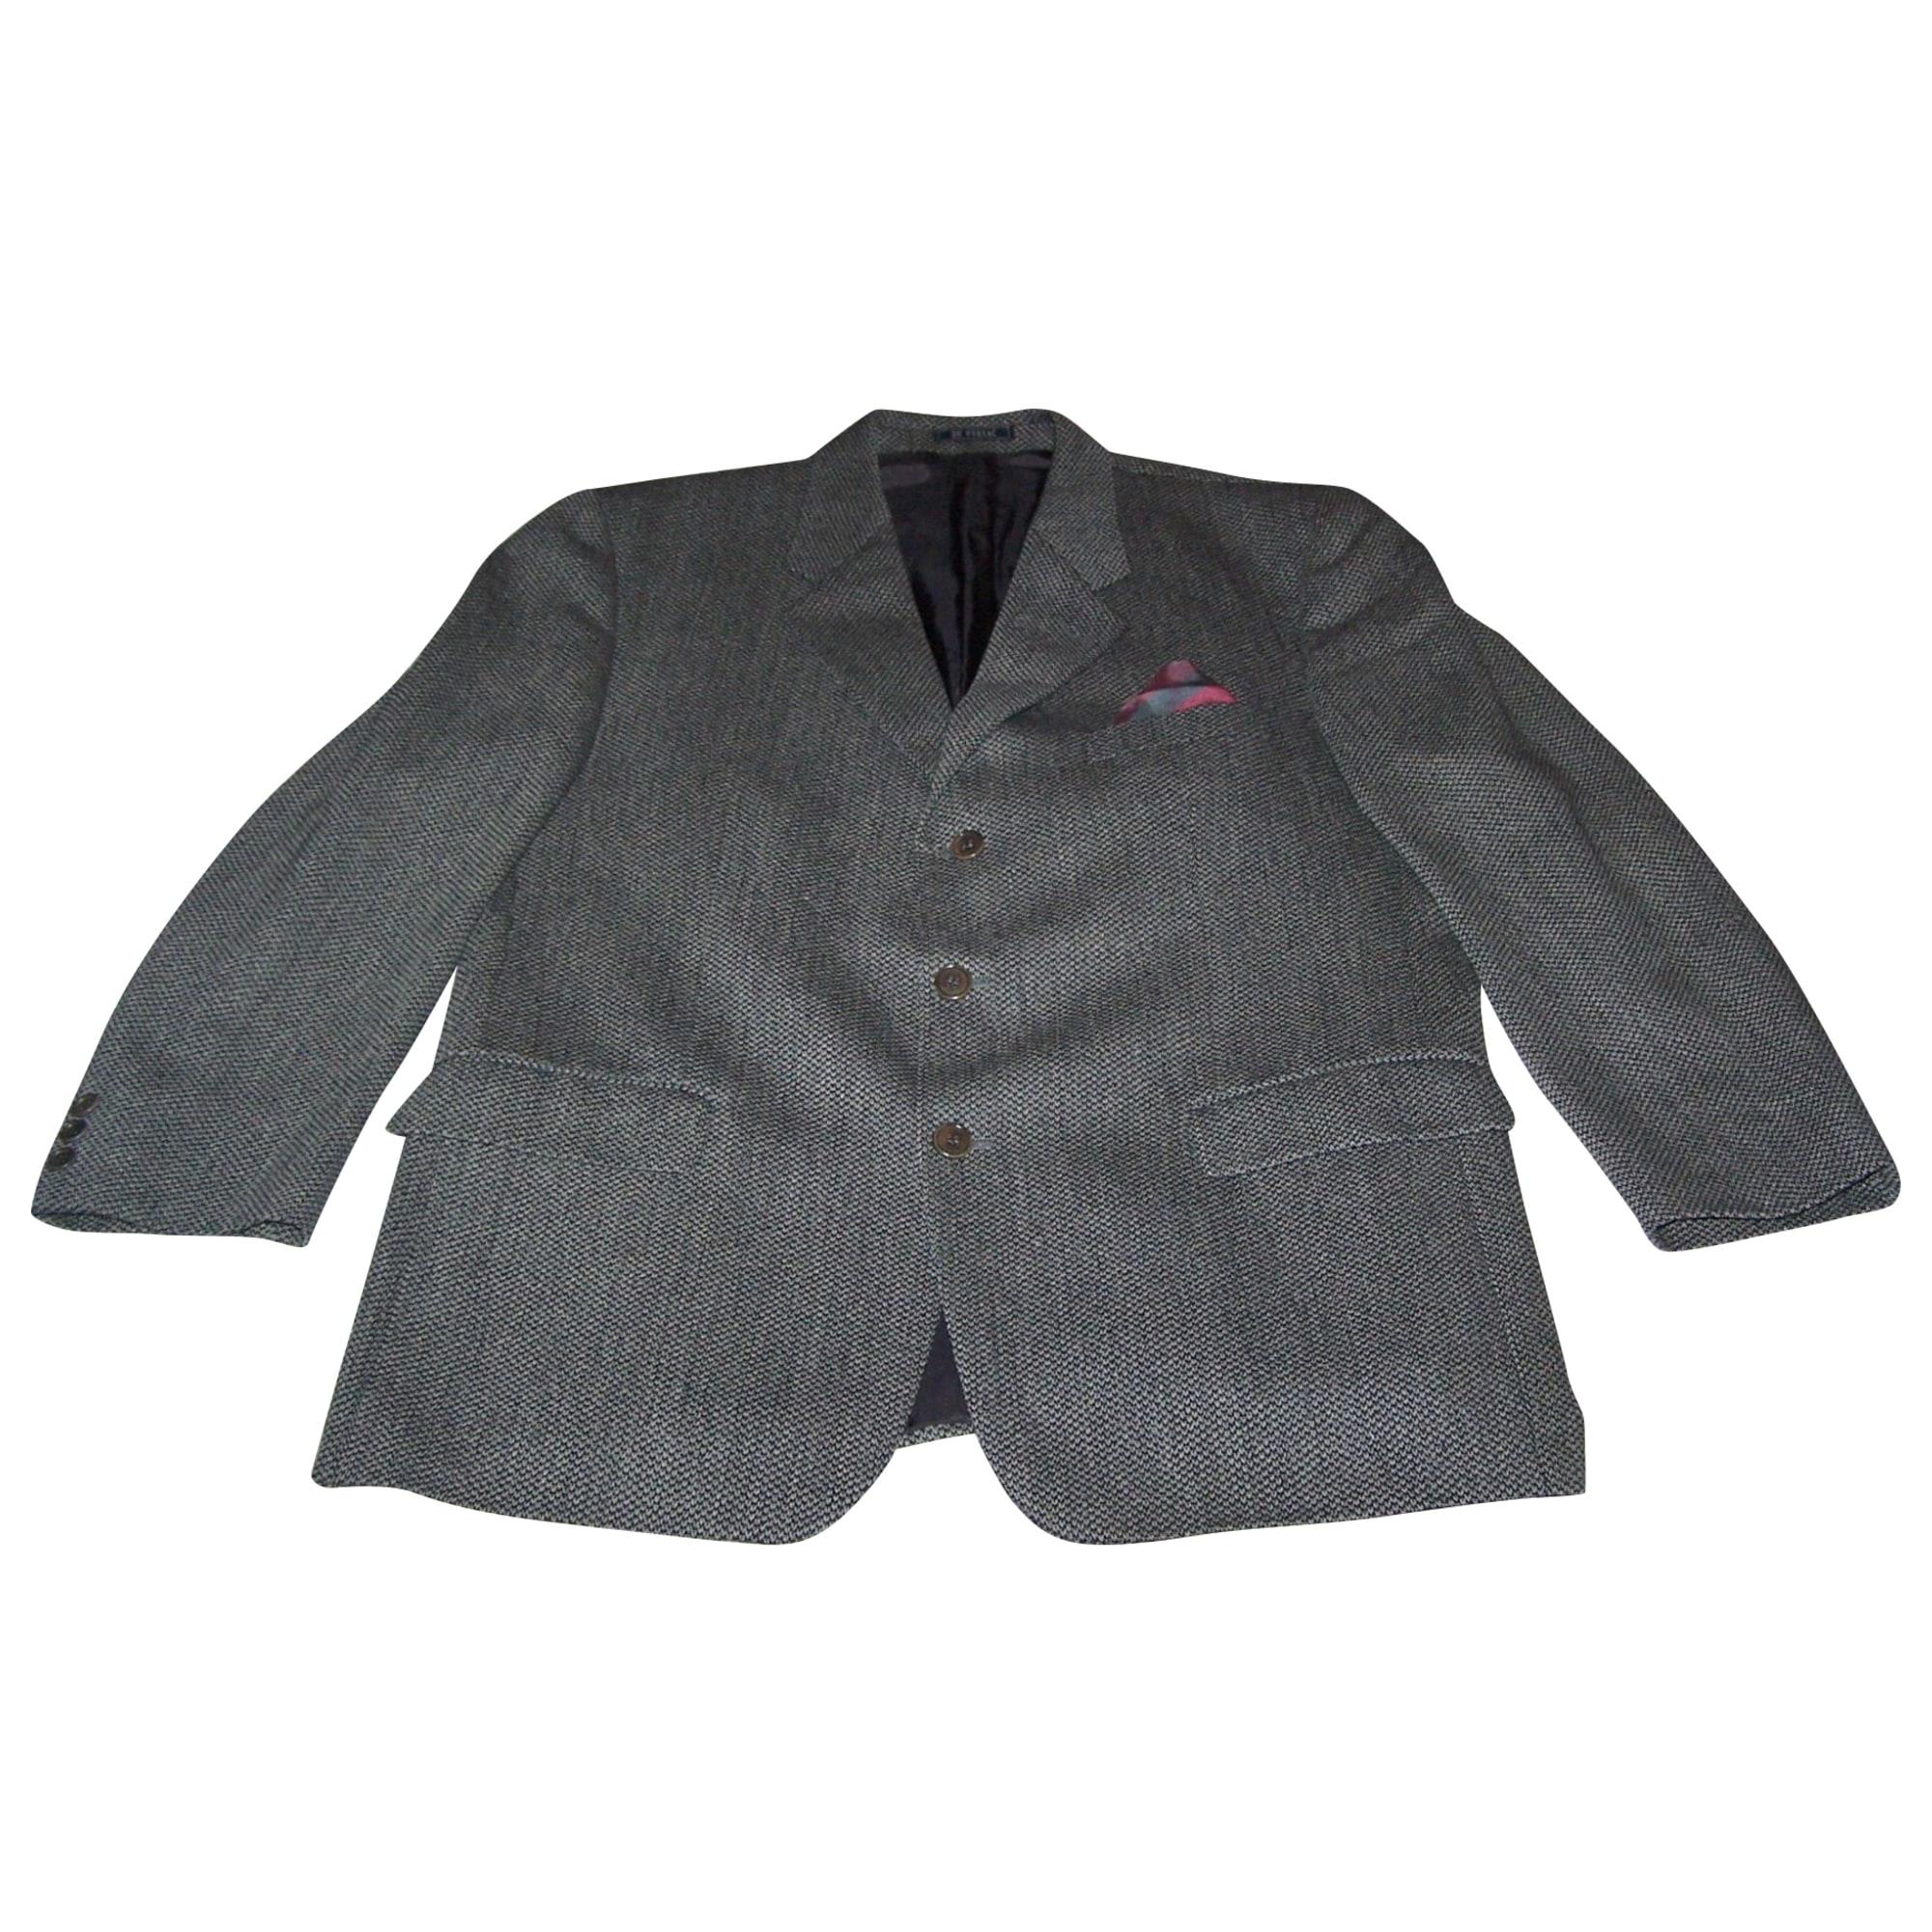 Veste de costume DE FURSAC Gris, anthracite